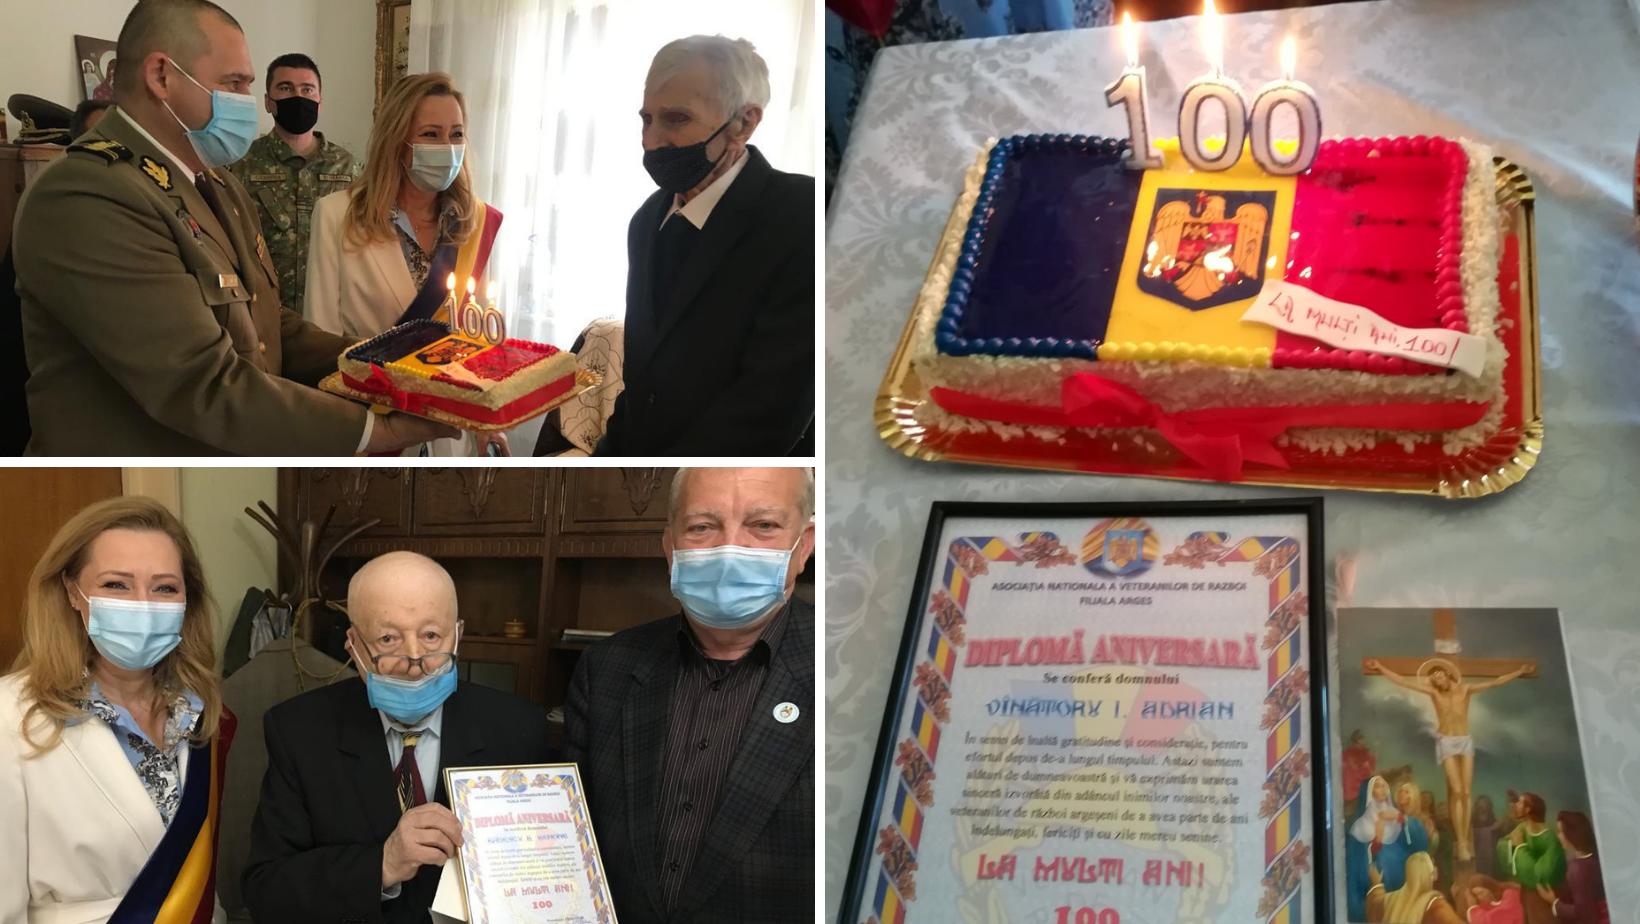 100 de ani trăiţi cu demnitate! Veteranii de război Benone Bădescu și Adrian Vînătoru, sărbătoriți la centenar